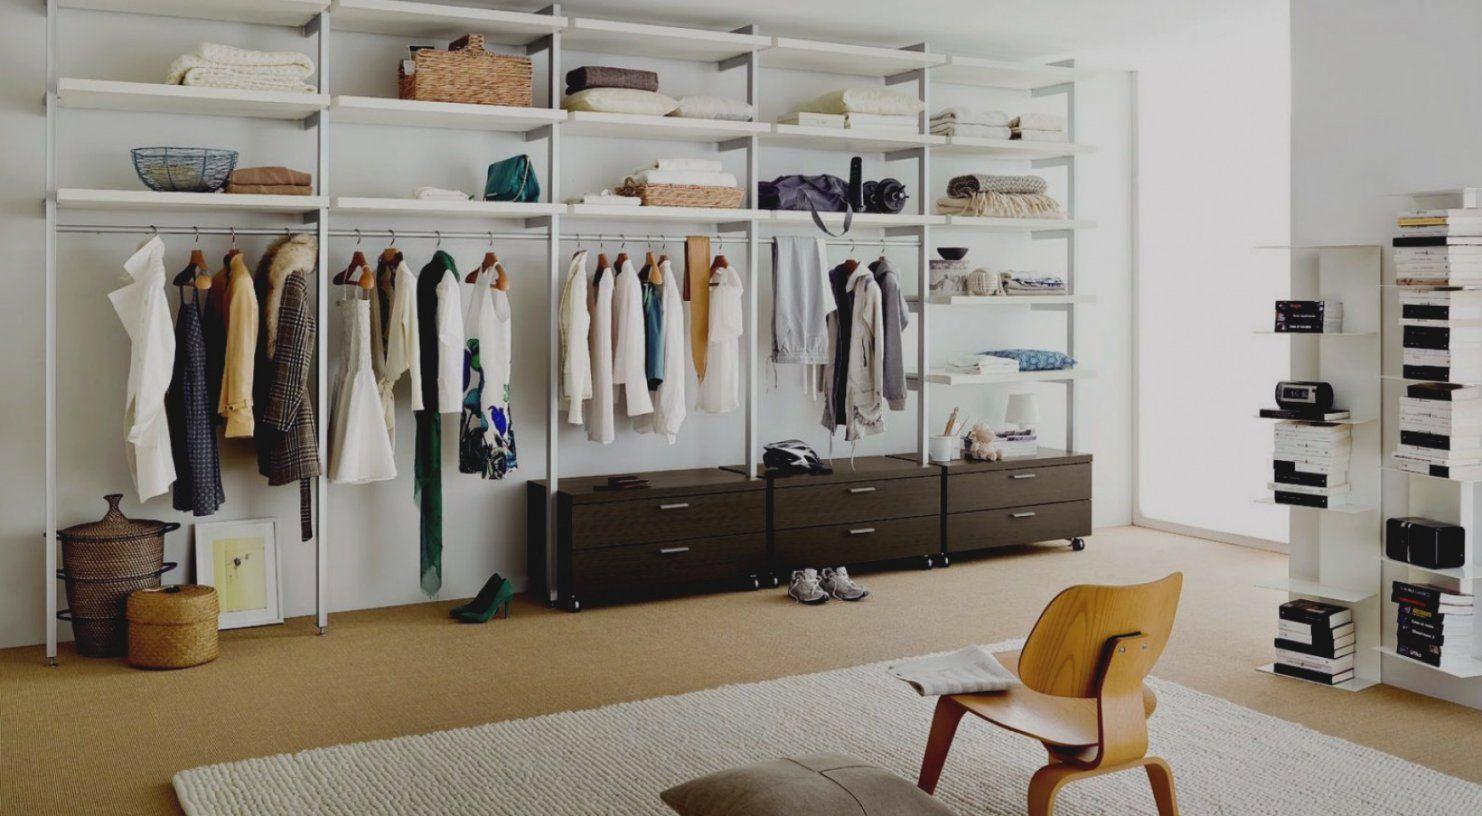 Elegantes Unikat Begehbarer Kleiderschrank Ikea Stolmen Flamencon von Ikea Begehbarer Kleiderschrank Stolmen Bild